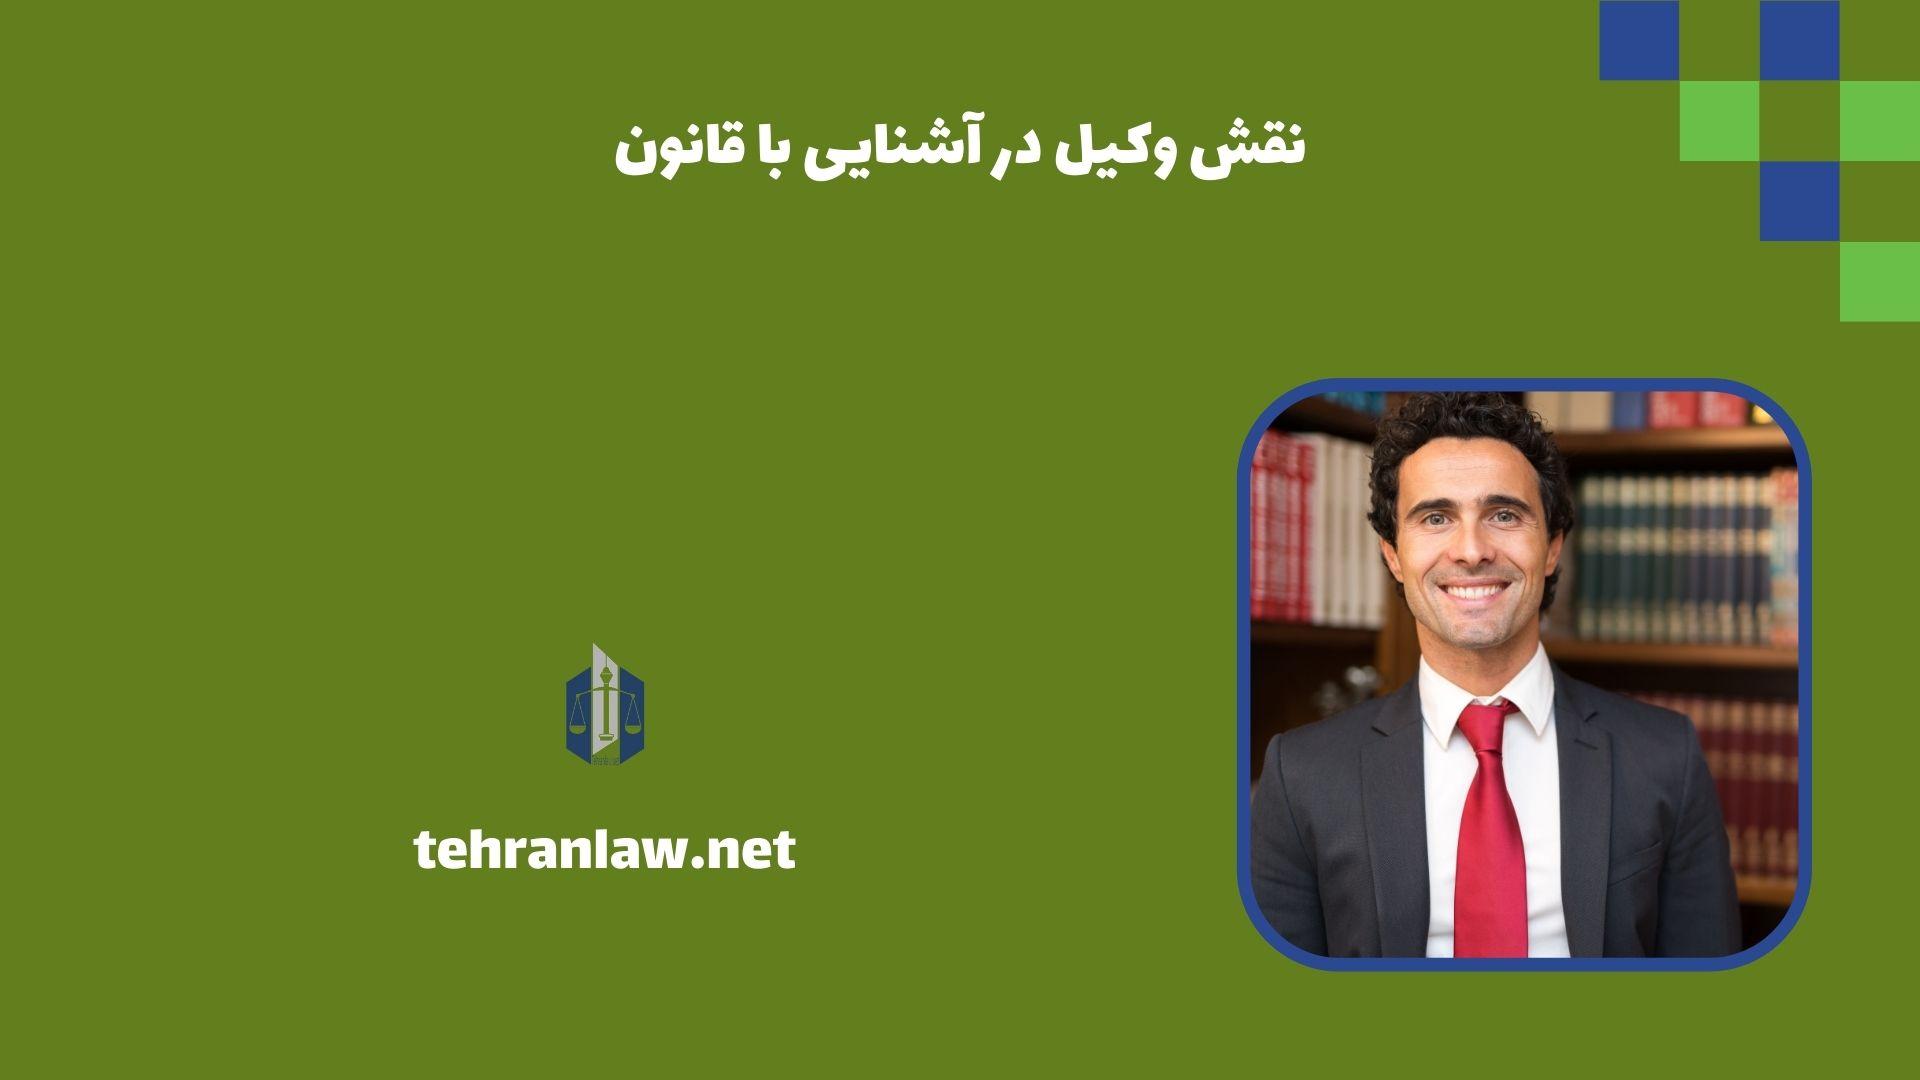 نقش وکیل در آشنایی با قانون